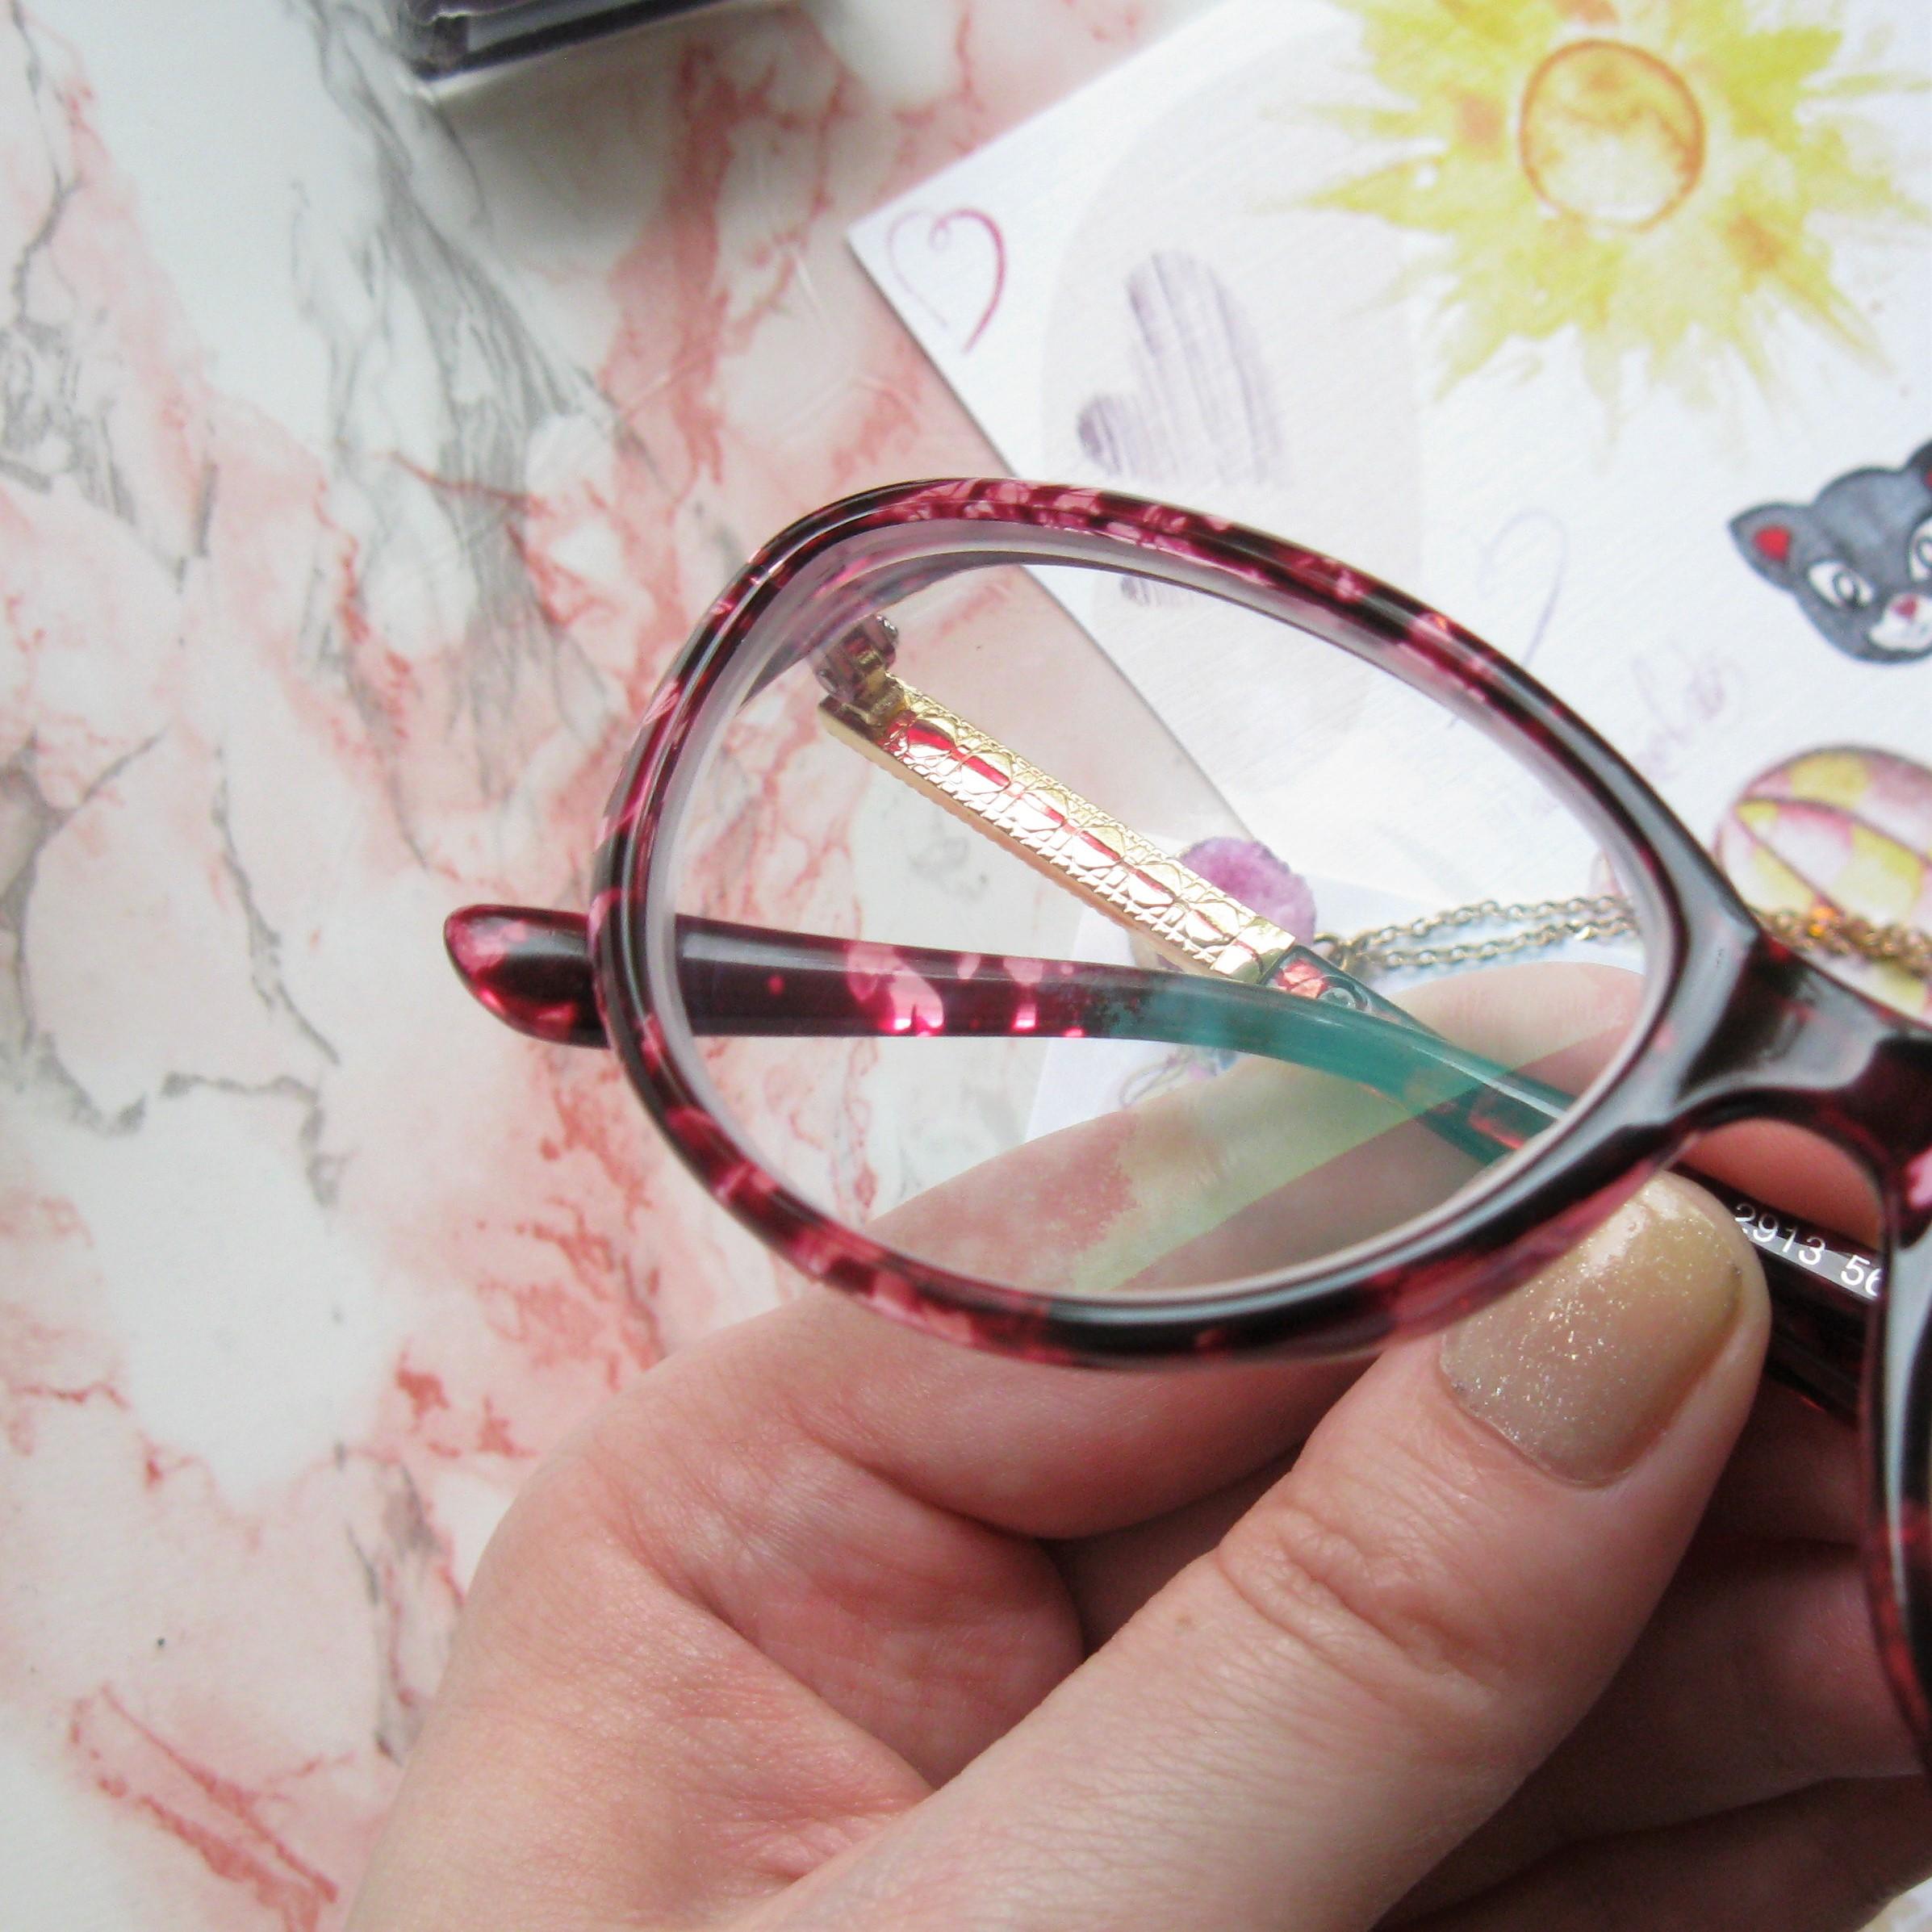 Рецептурные очки! Как заказать линзы и другие тонкости.